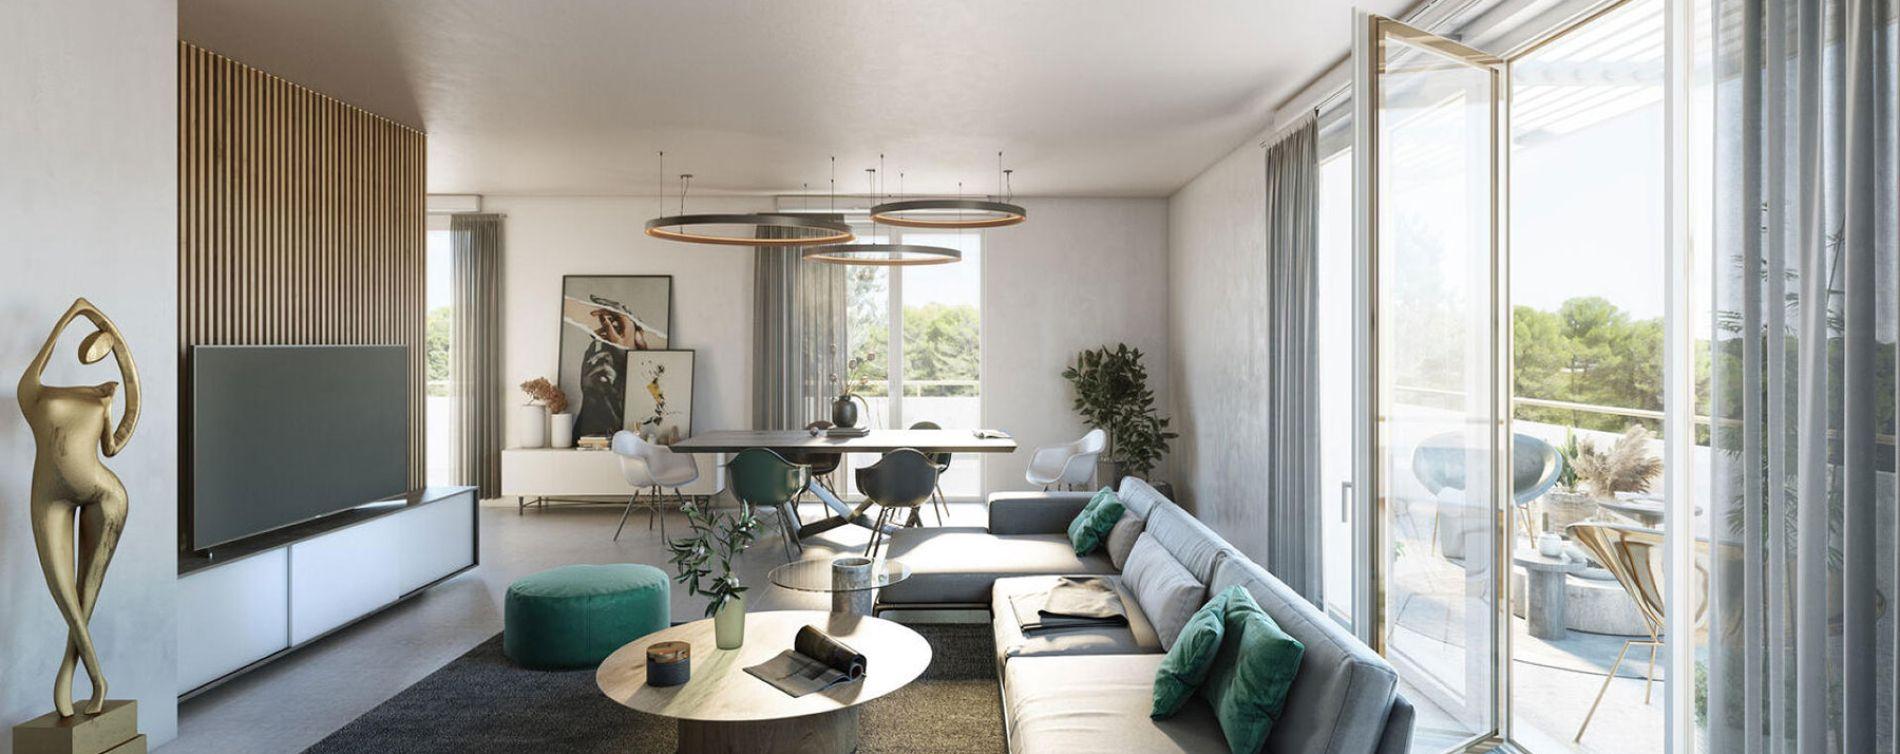 Castelnau-le-Lez : programme immobilier neuve « Programme immobilier n°218870 » en Loi Pinel (5)